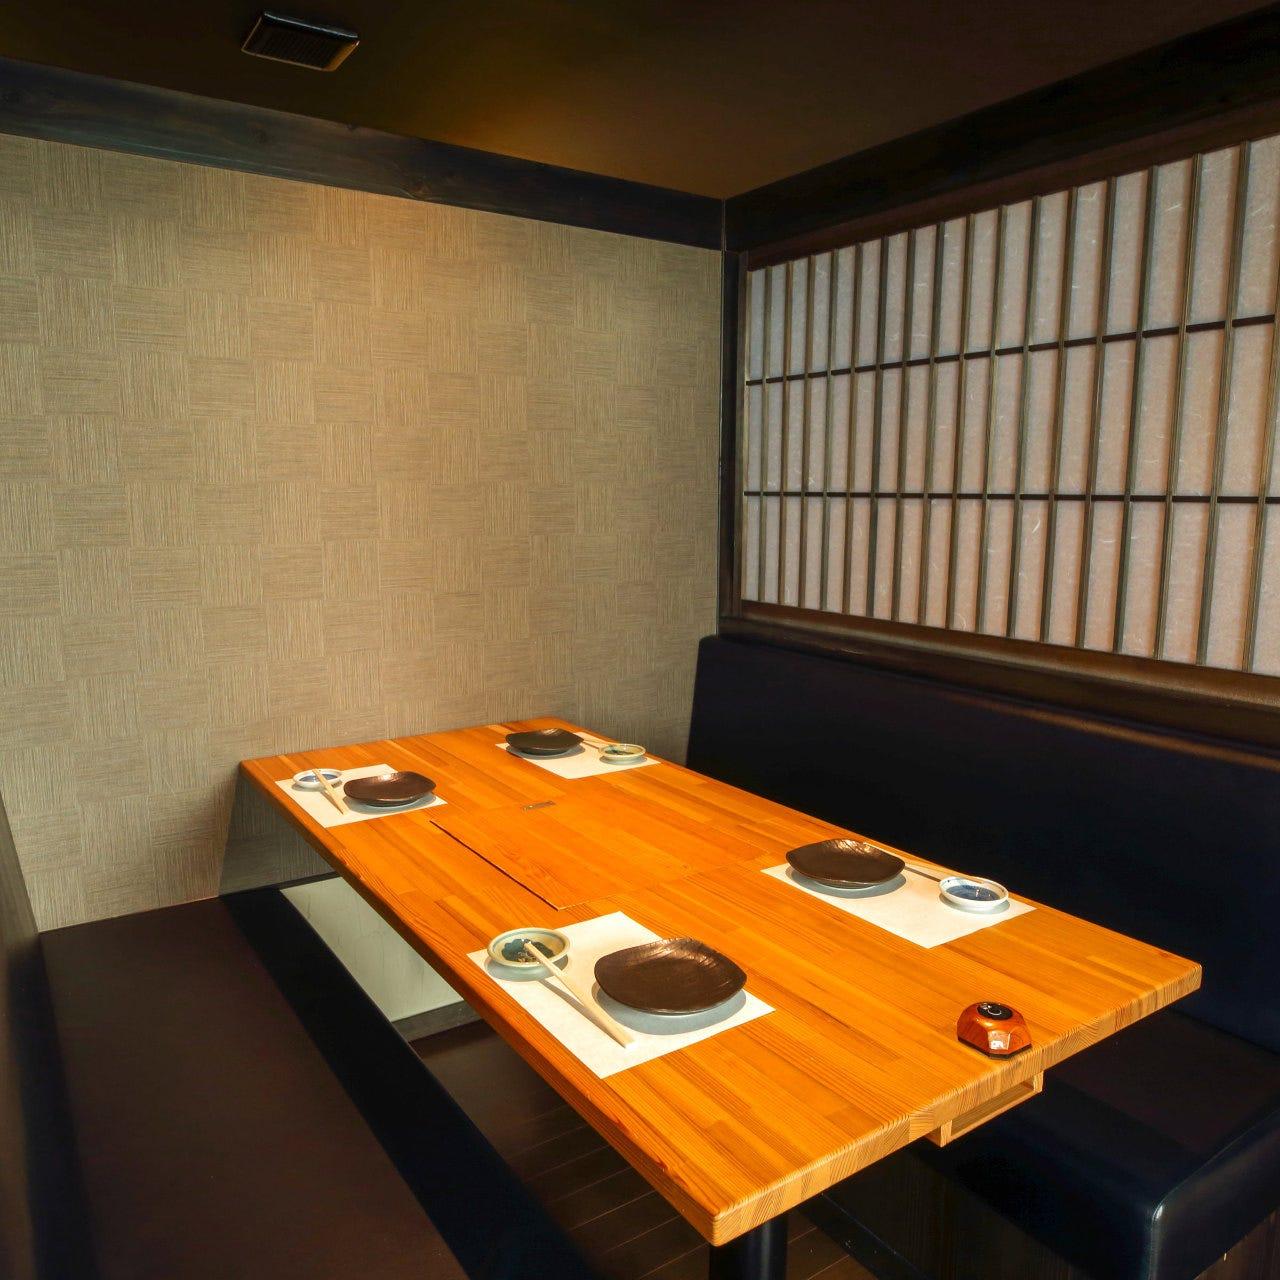 伊達と九州うまかもん 個室酒蔵 昇り坂 仙台東口店